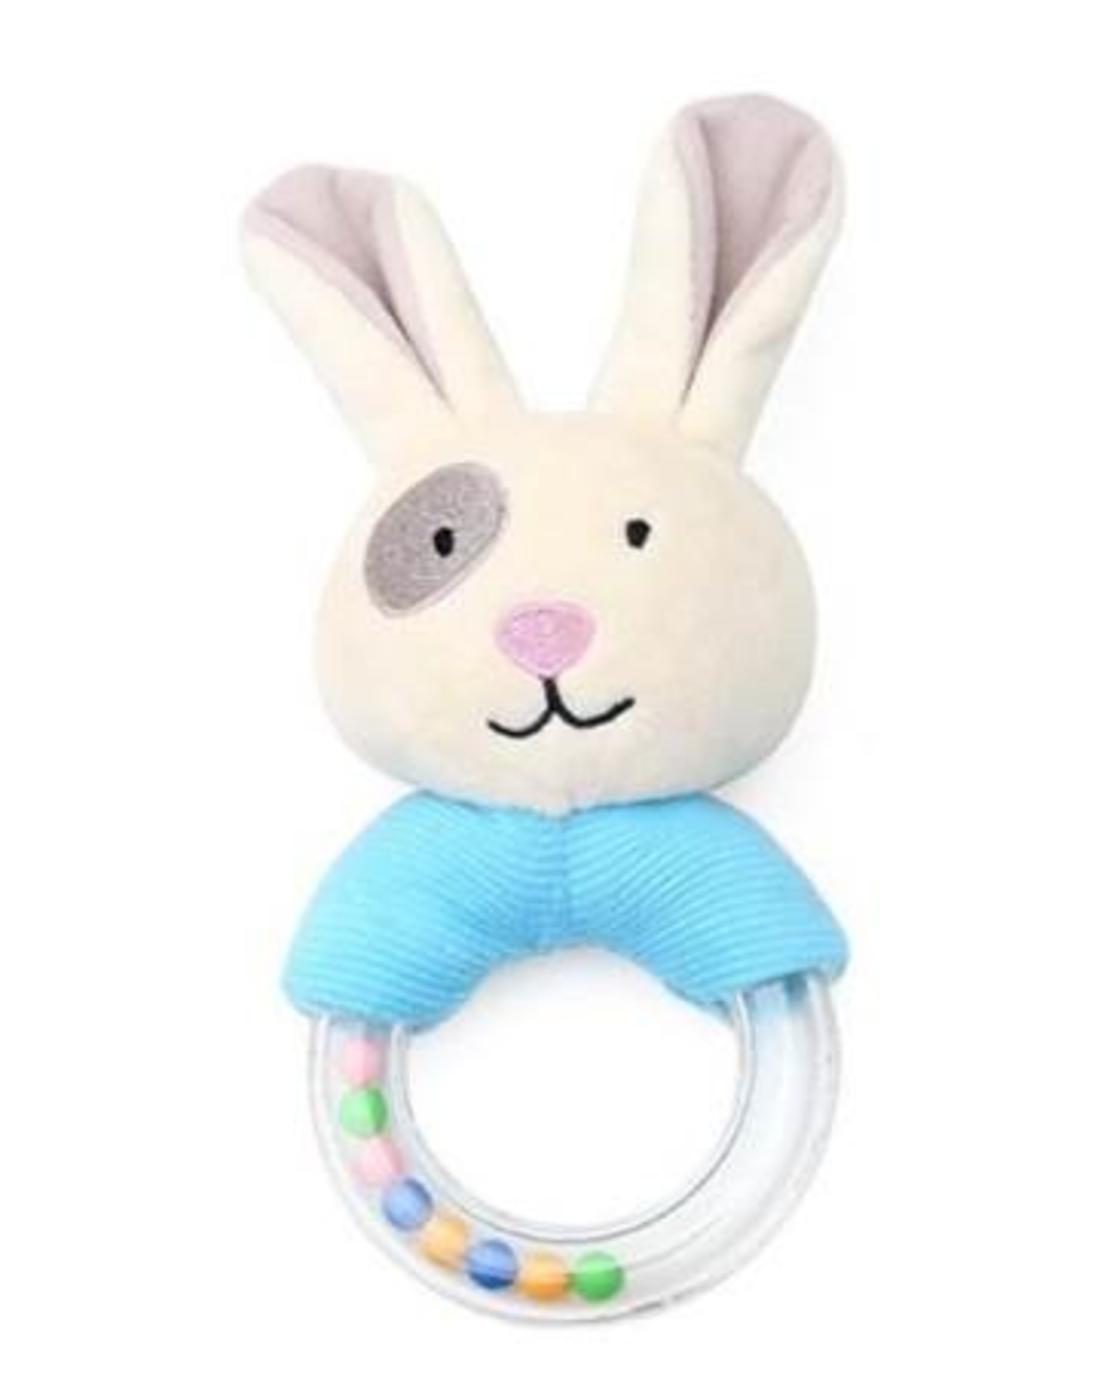 10# - מתנה לתינוק המאושר : שמיכה, קפוצ'ון מגבת, שלישיית חיתולי טטרה ורעשן טבעת בקופסת בד לצעצועים